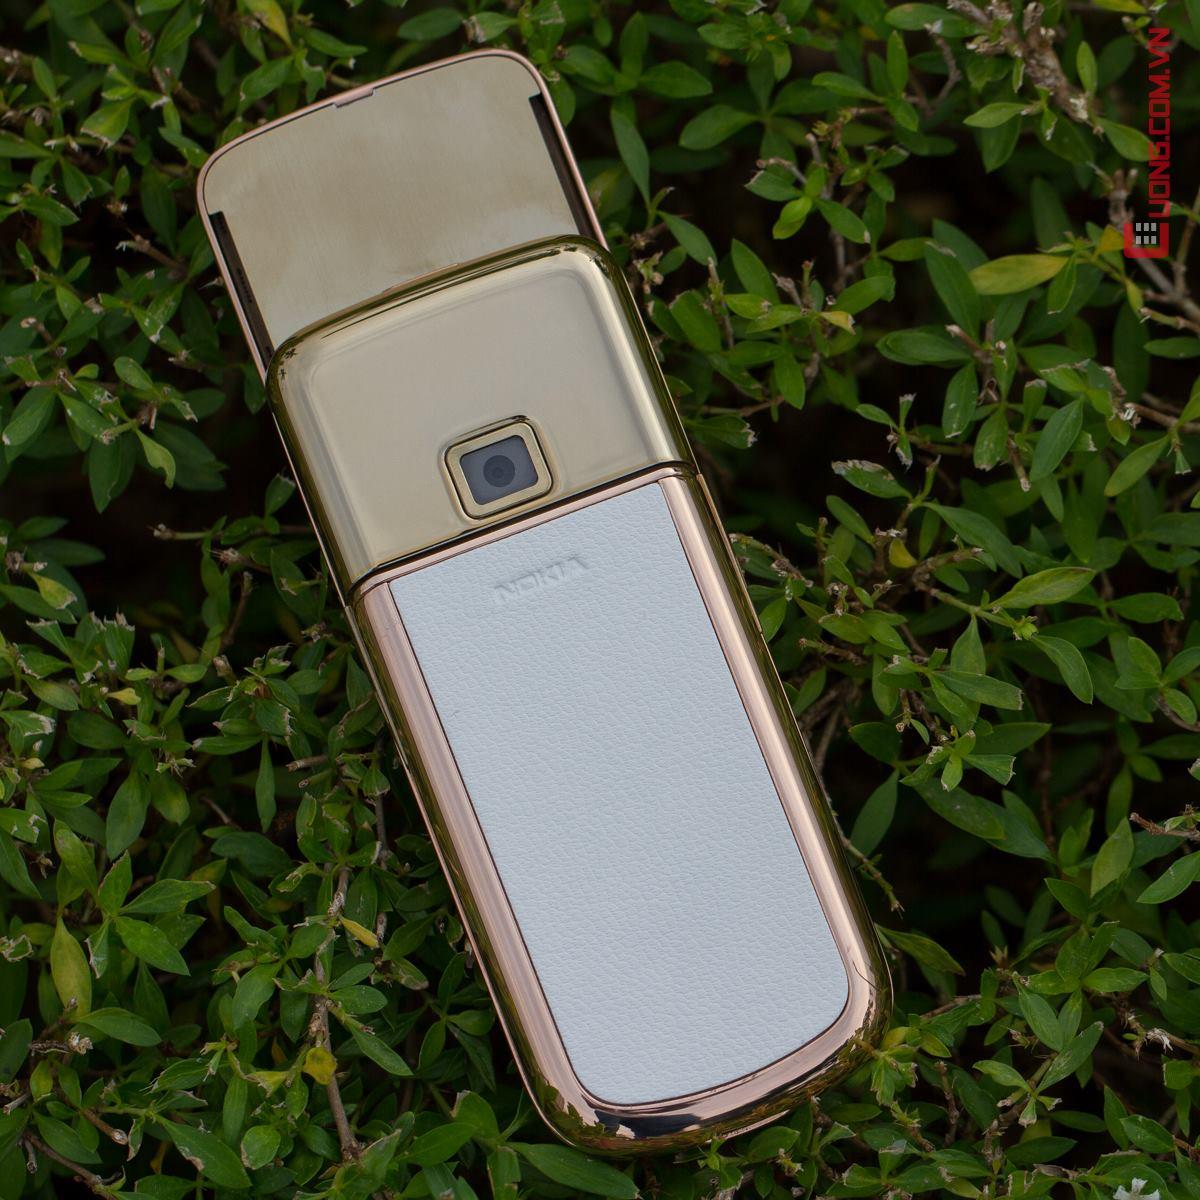 Nokia 8800 Gold Arte với lớp da mạnh mẽ phần sau